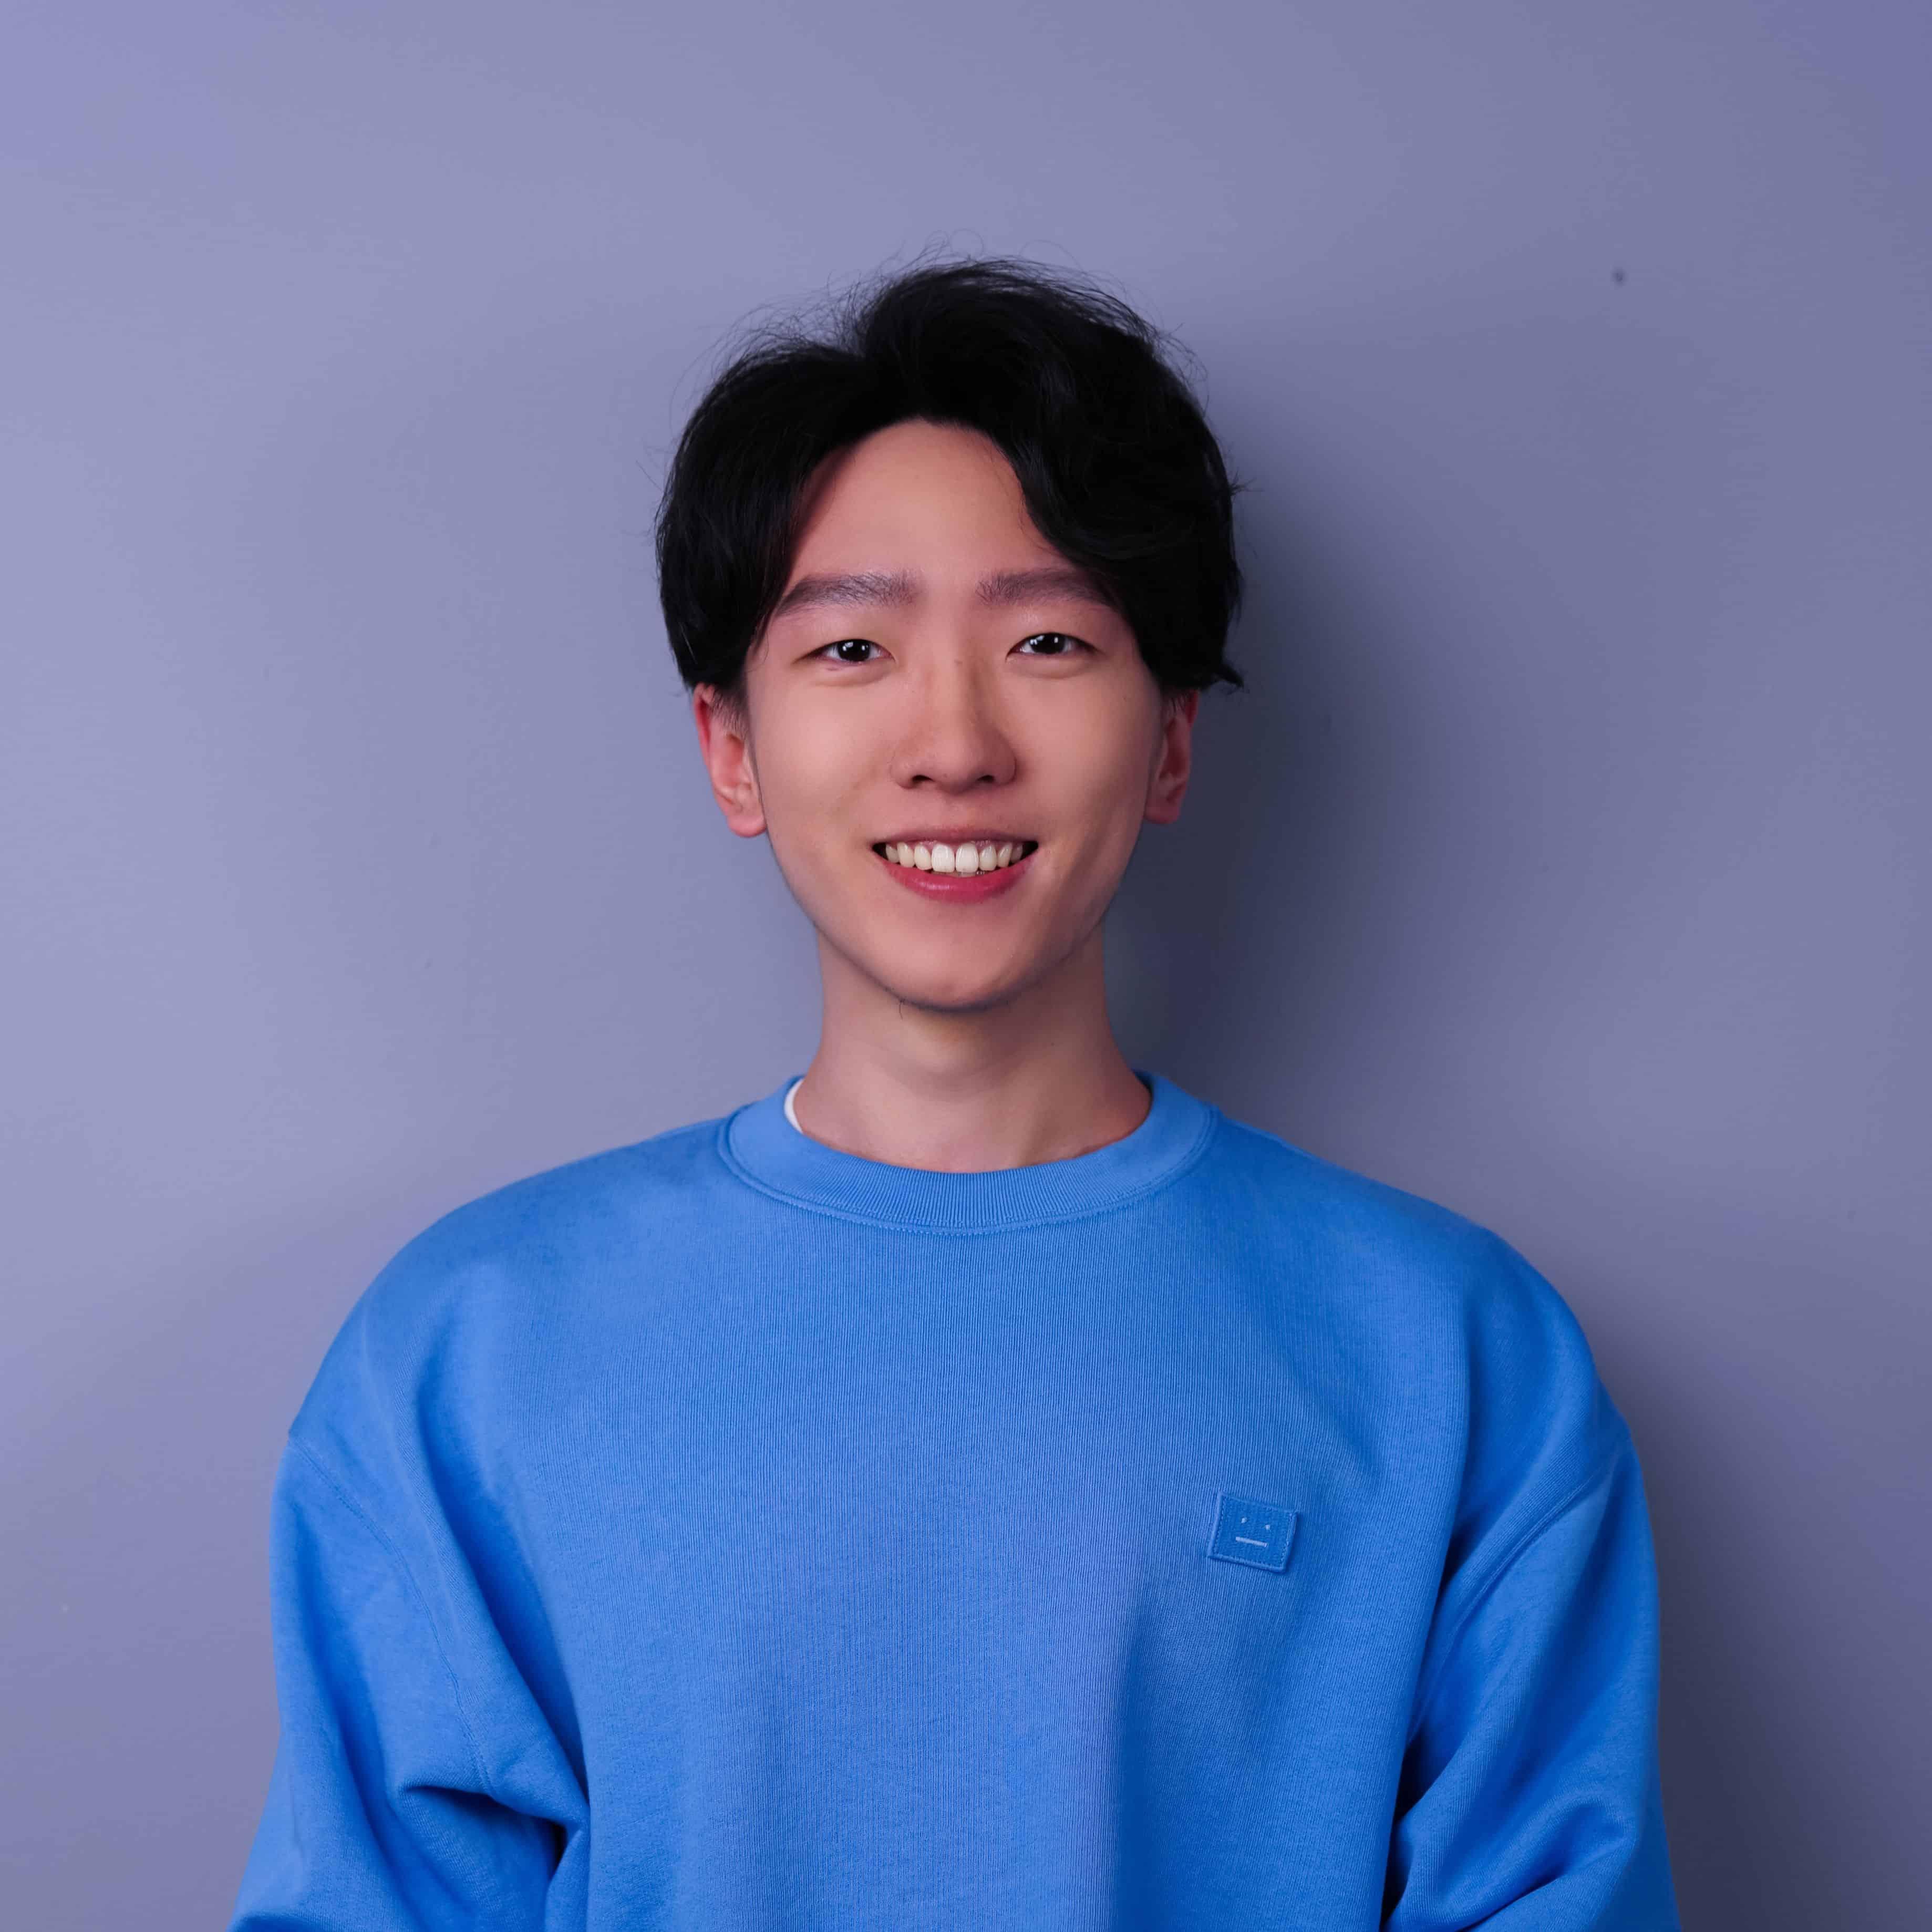 彭煜 Yu Peng